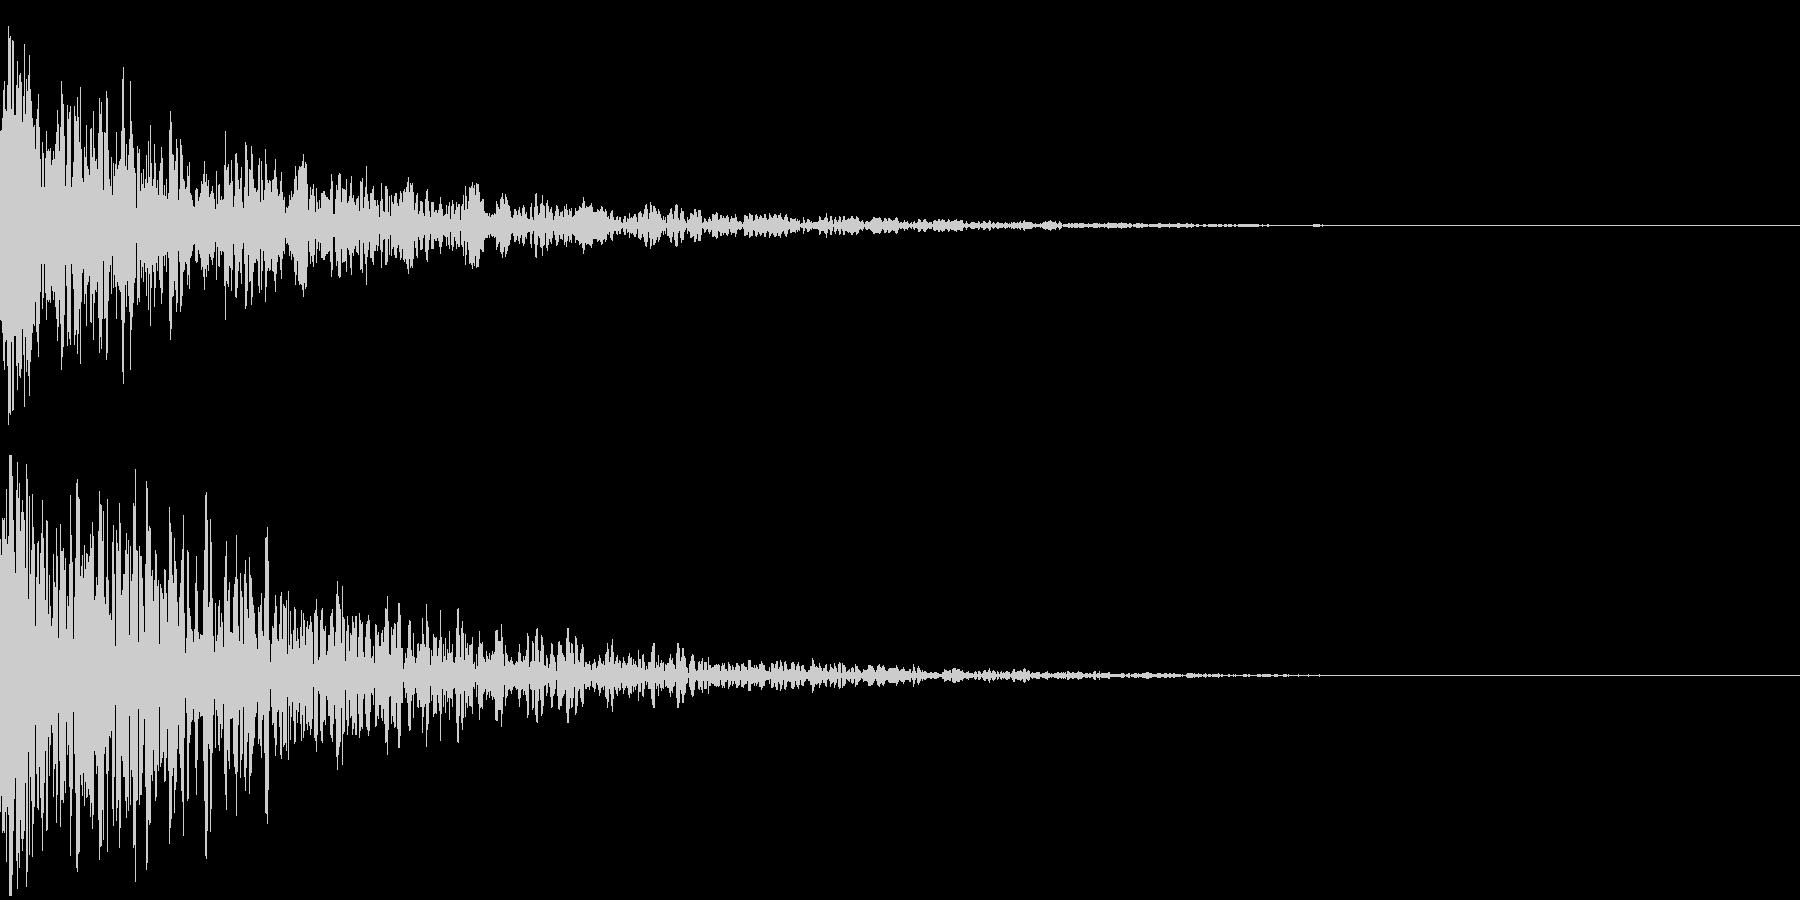 ドーン-08-2(インパクト音)の未再生の波形